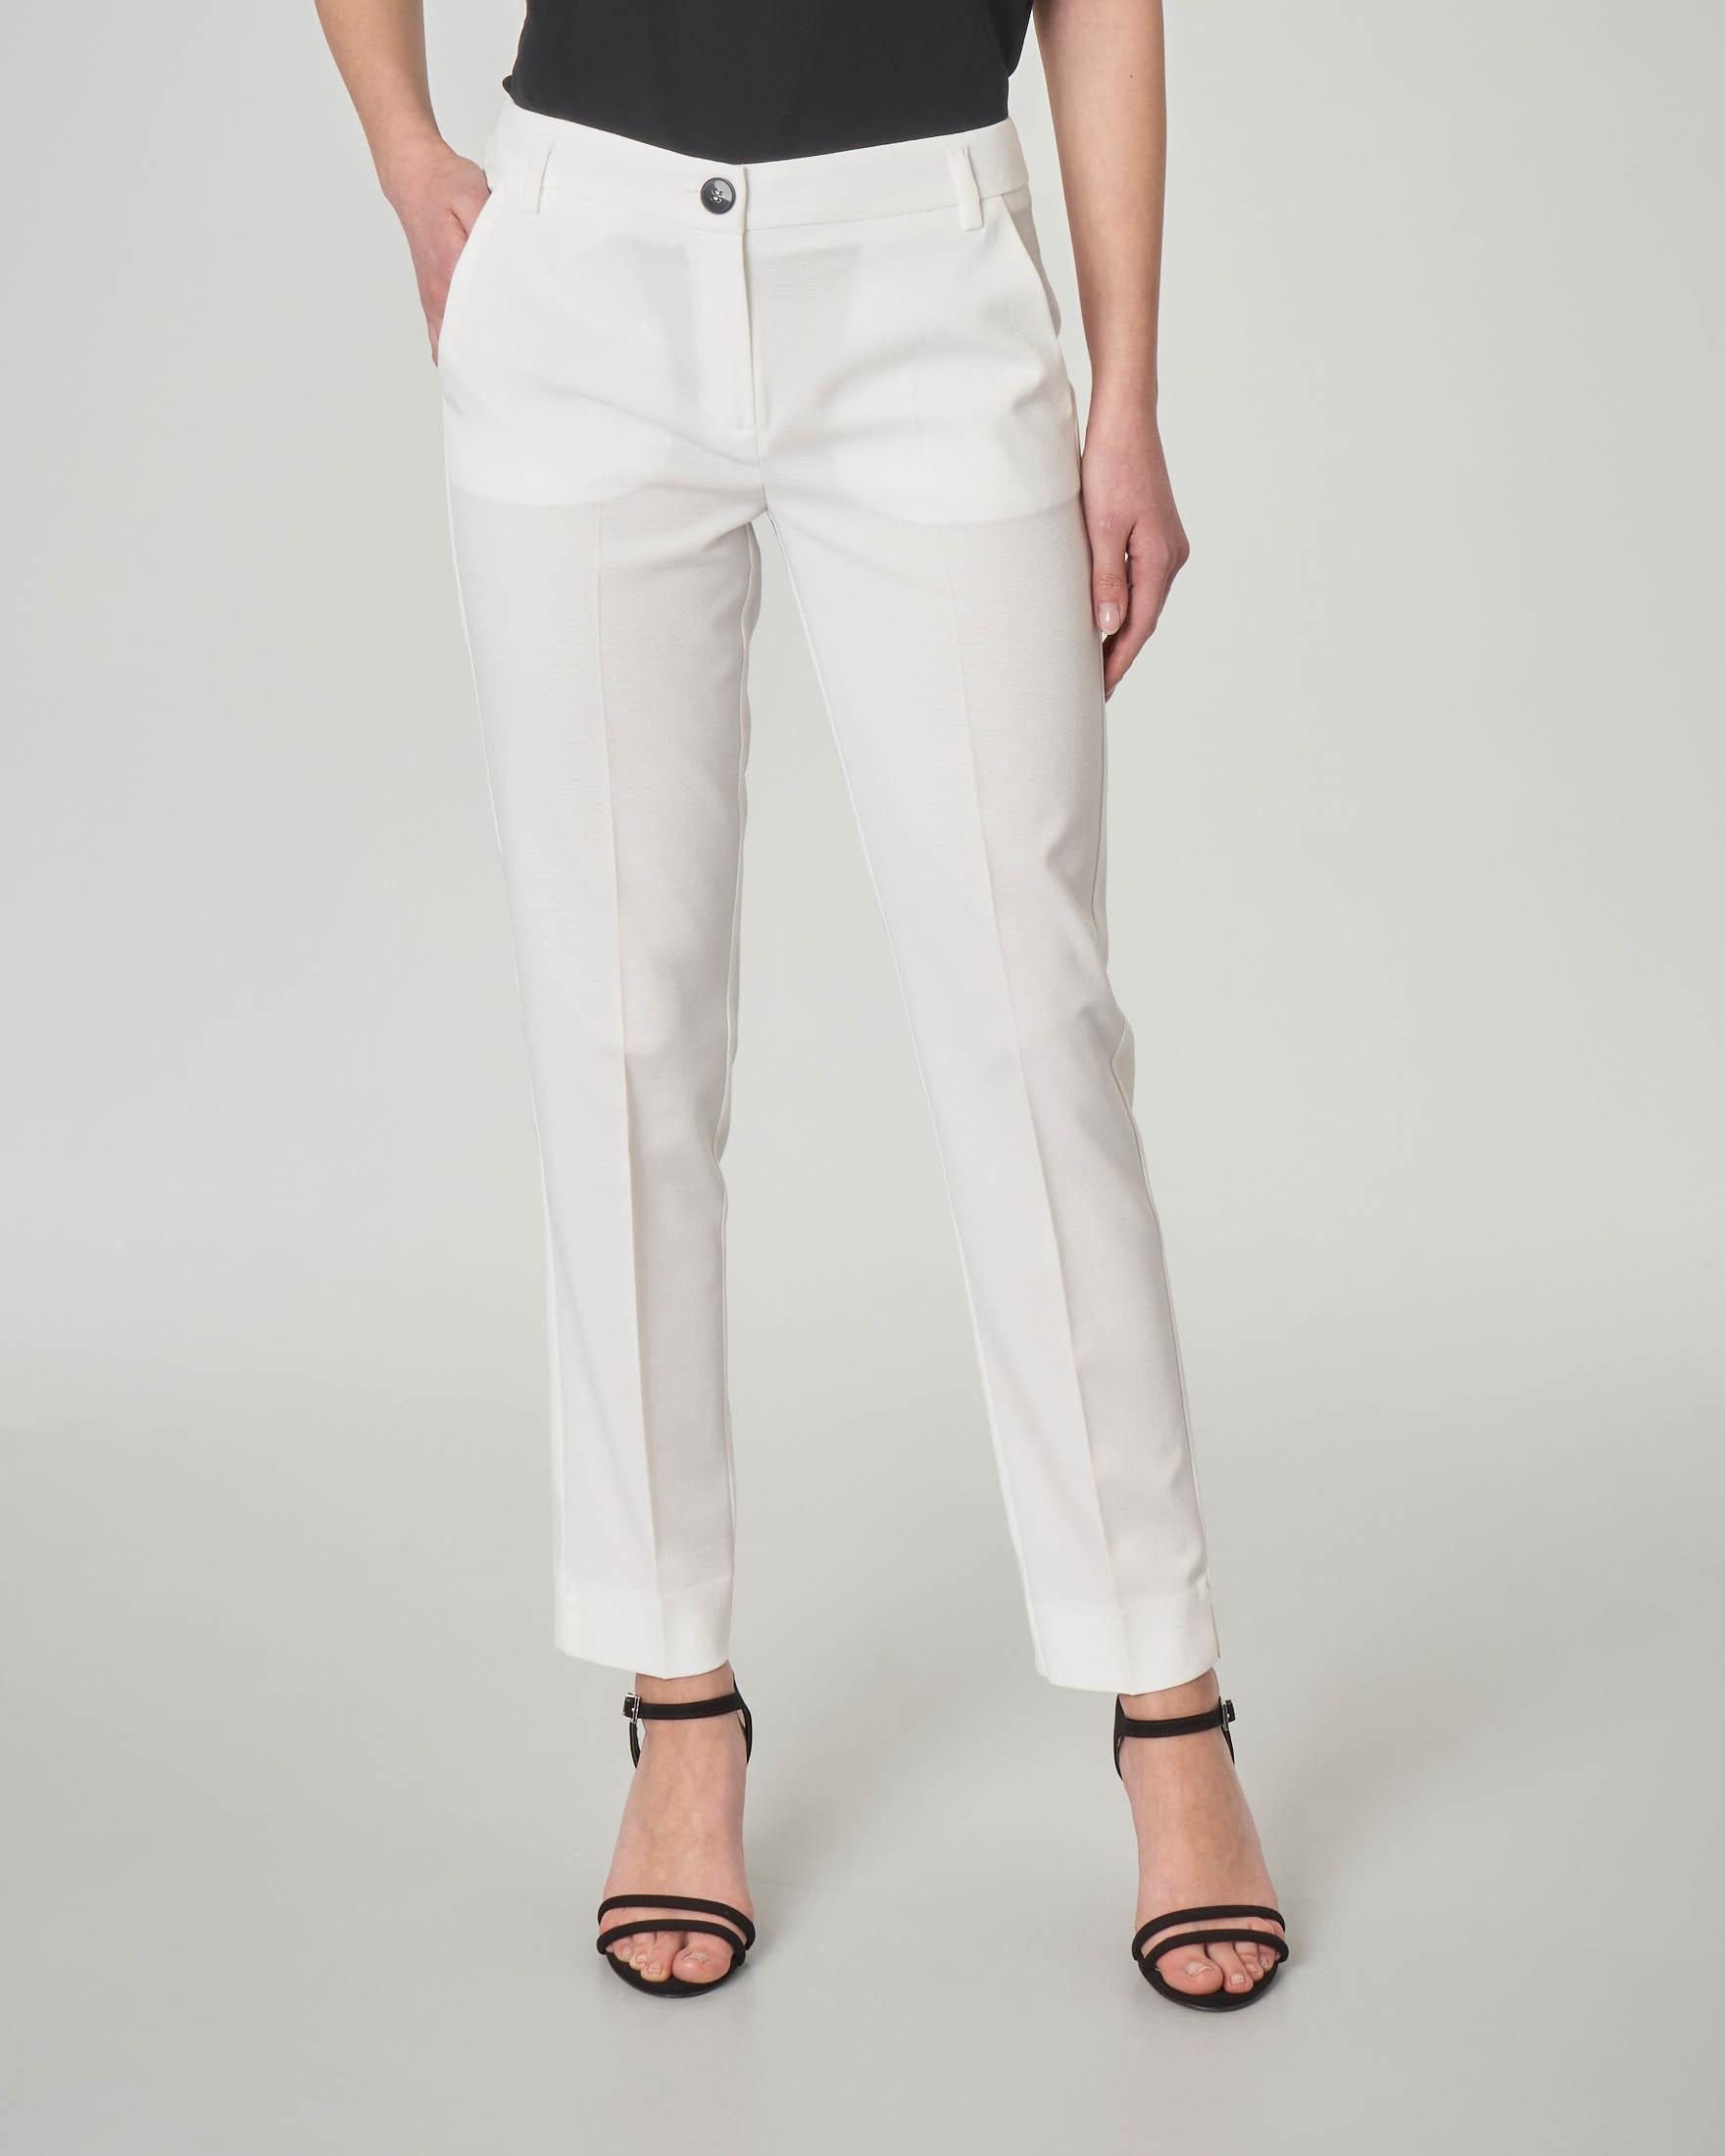 Pantaloni dritti alla caviglia bianchi in tessuto a micro costine